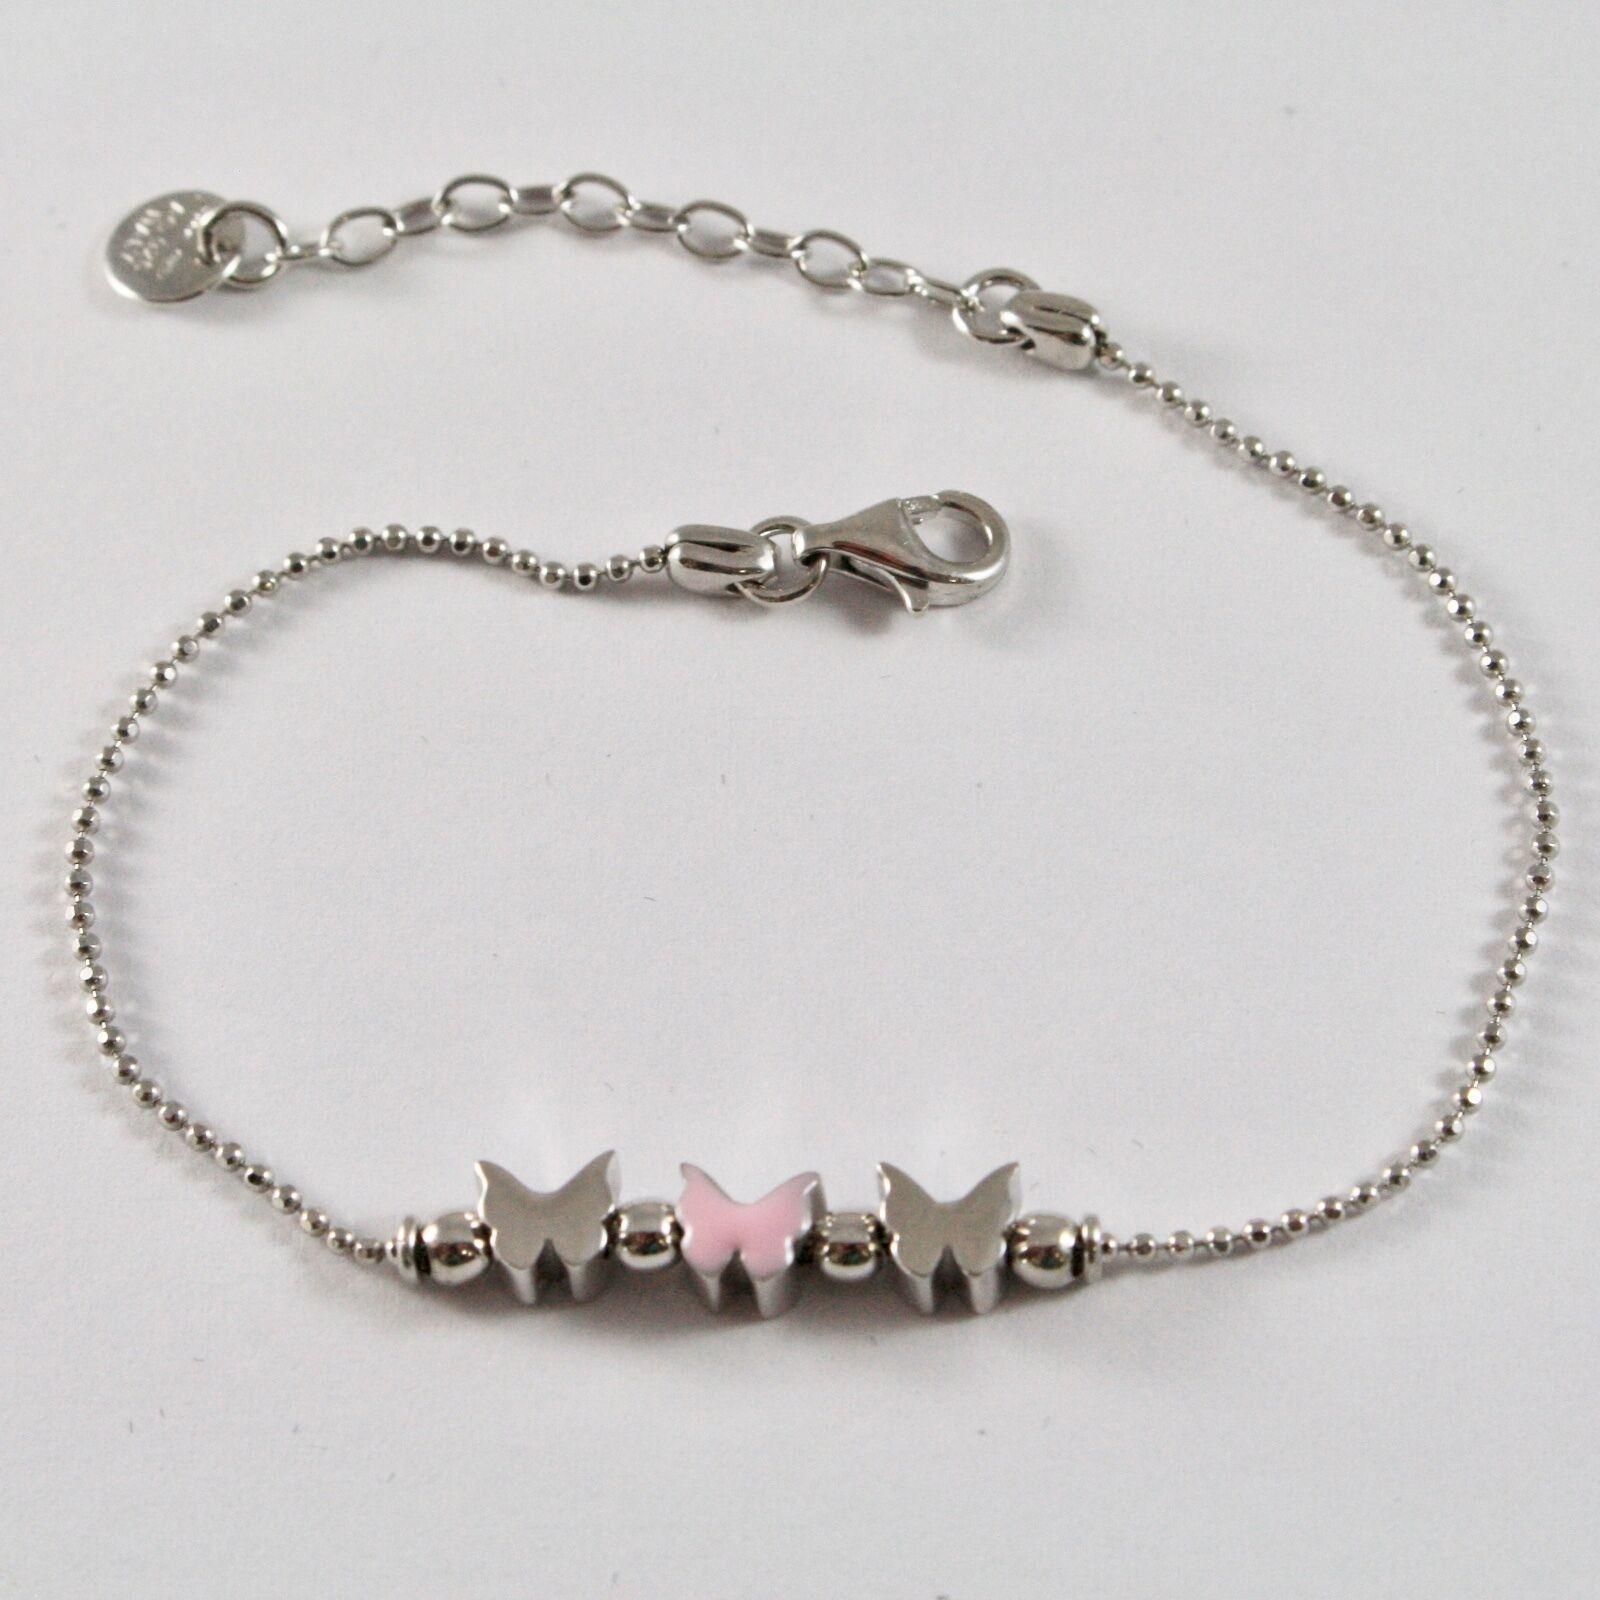 Silver Bracelet 925 Jack&co Butterflies Stylized Balls Faceted JCB0902